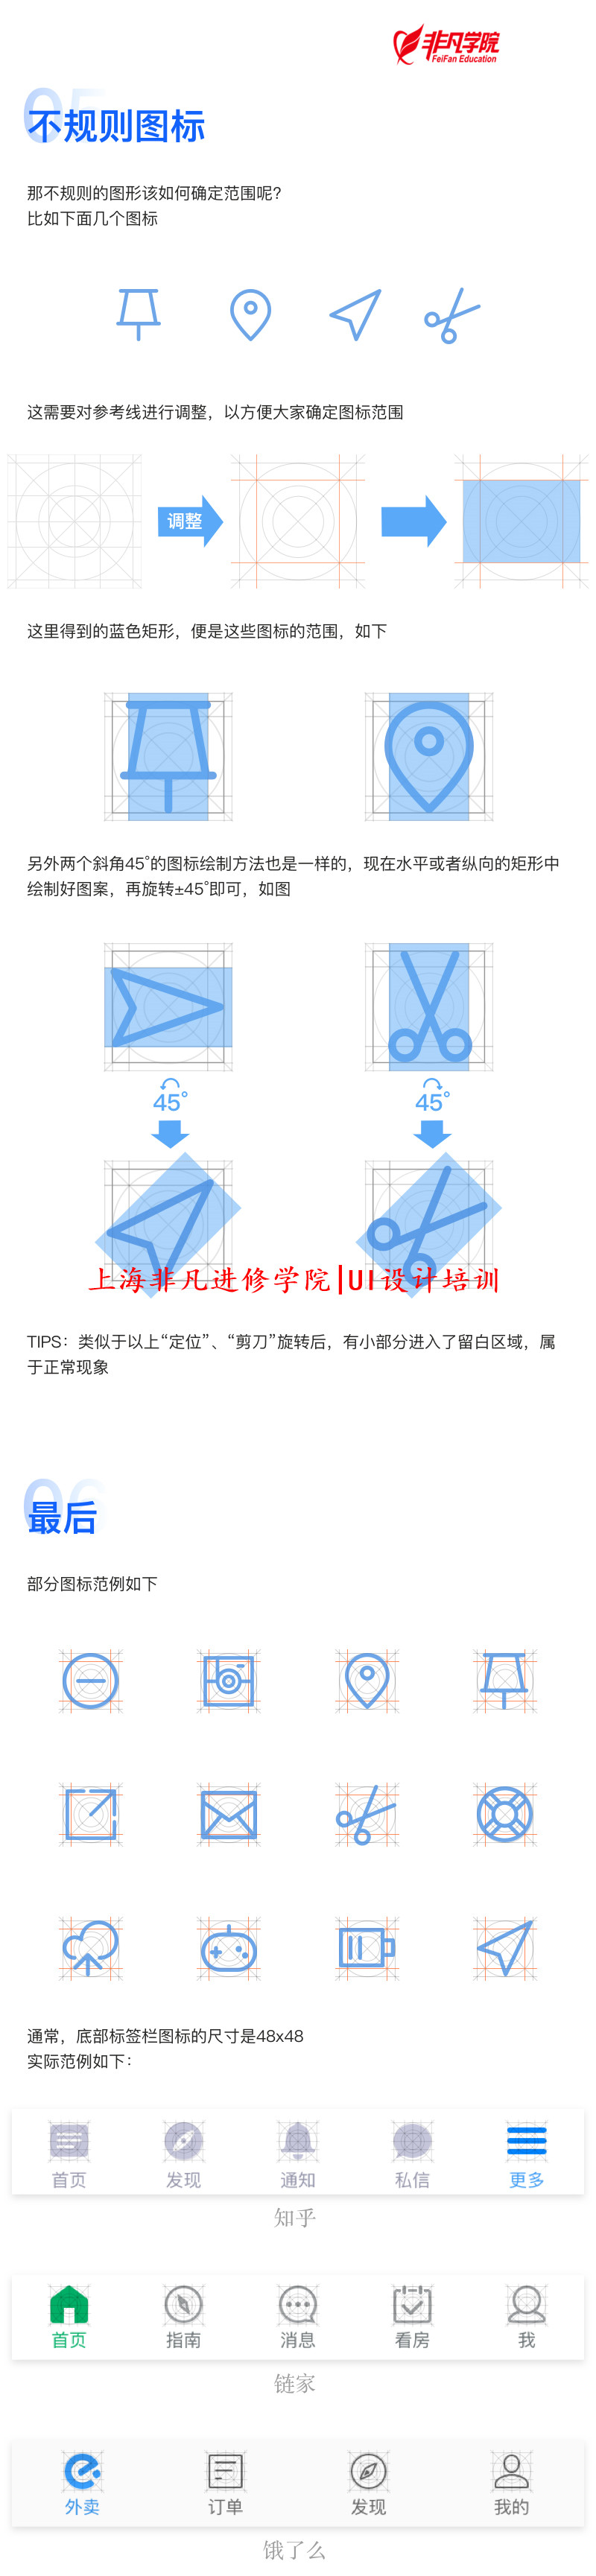 平面ui资讯>上海ui设计培训—没掌握图标的绘制规范之前,别说自己会画